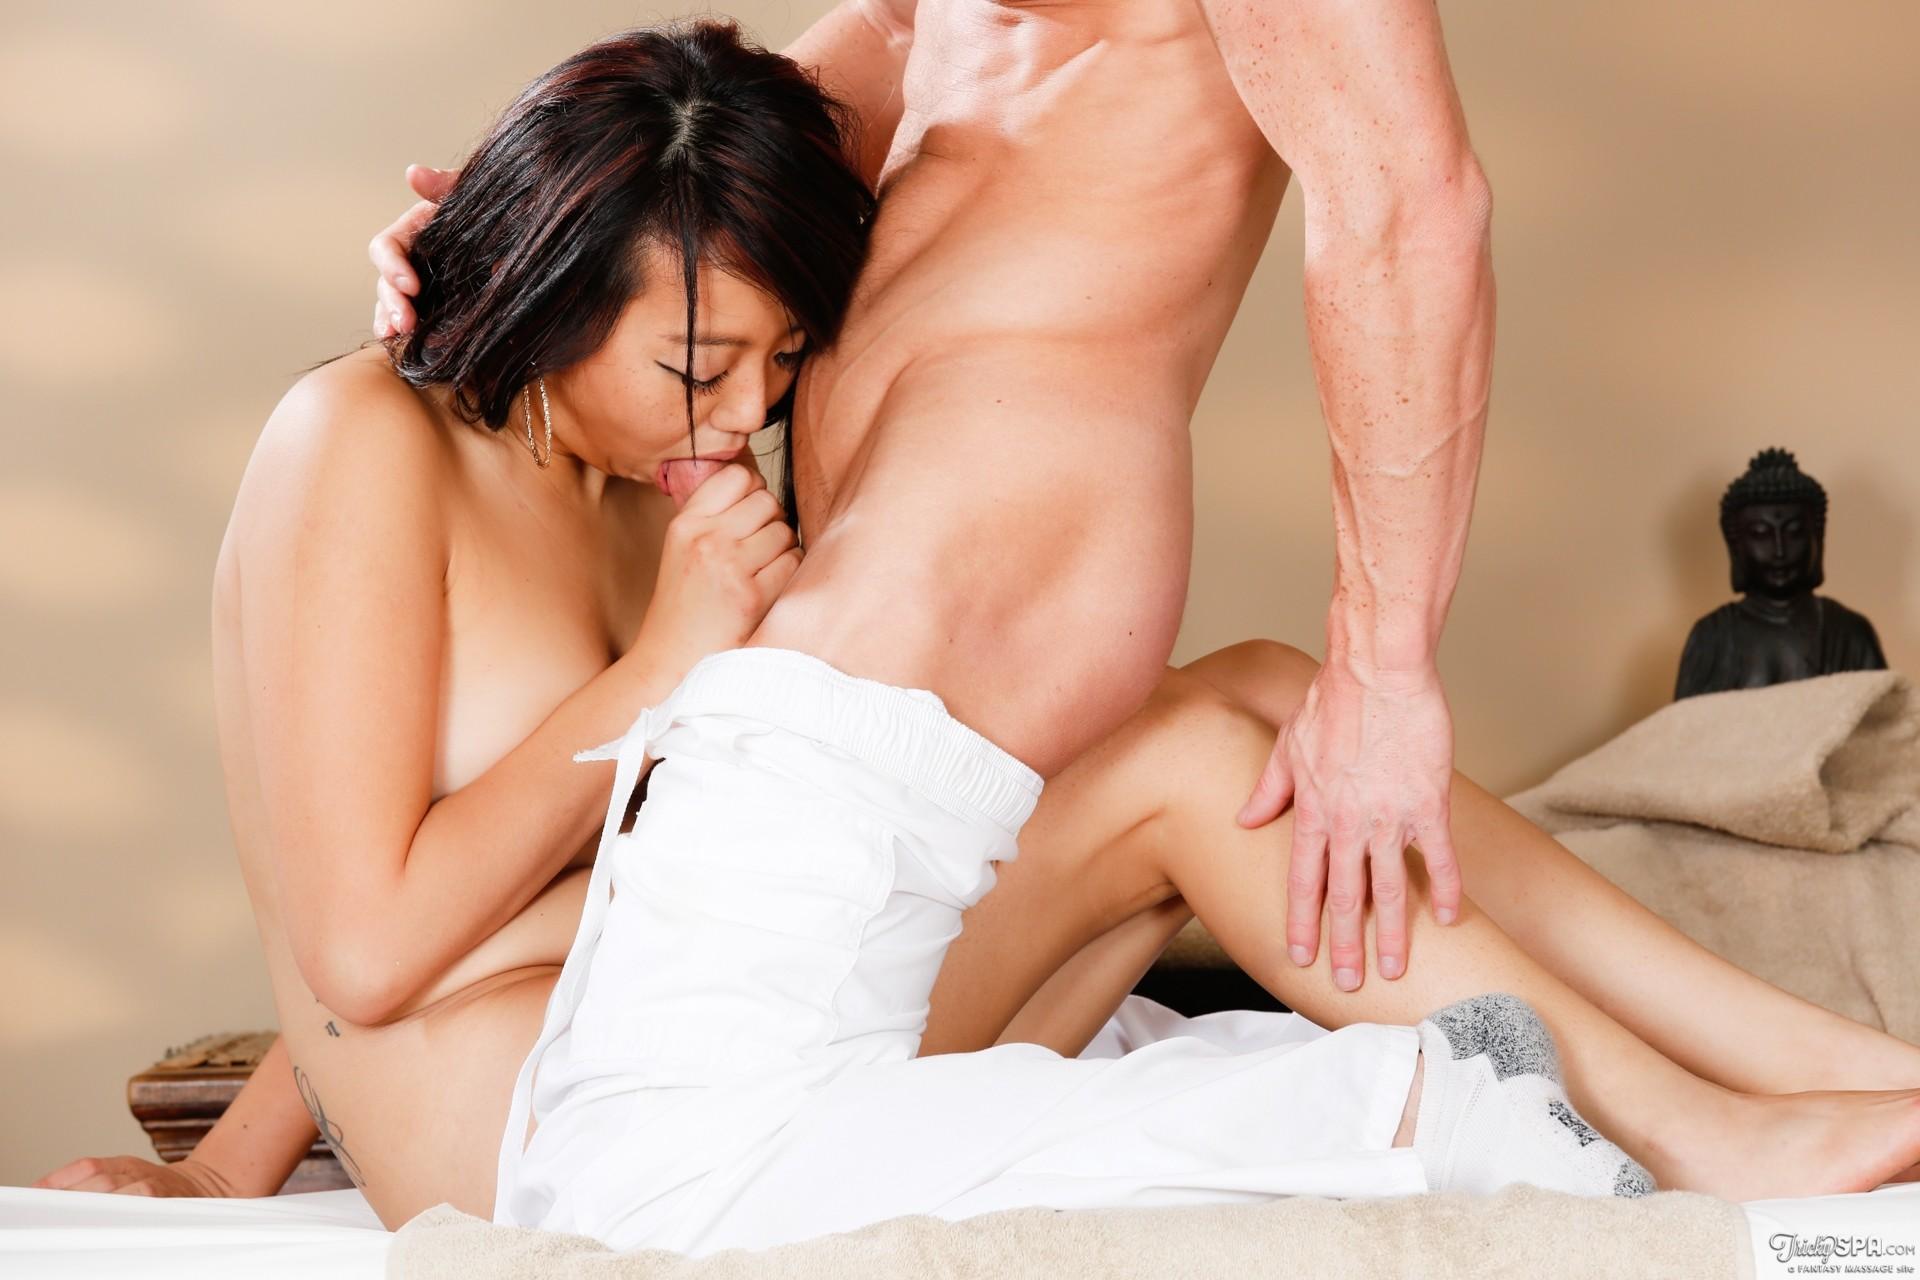 всем смотреть интересный секс и возбуждающий как близко можете